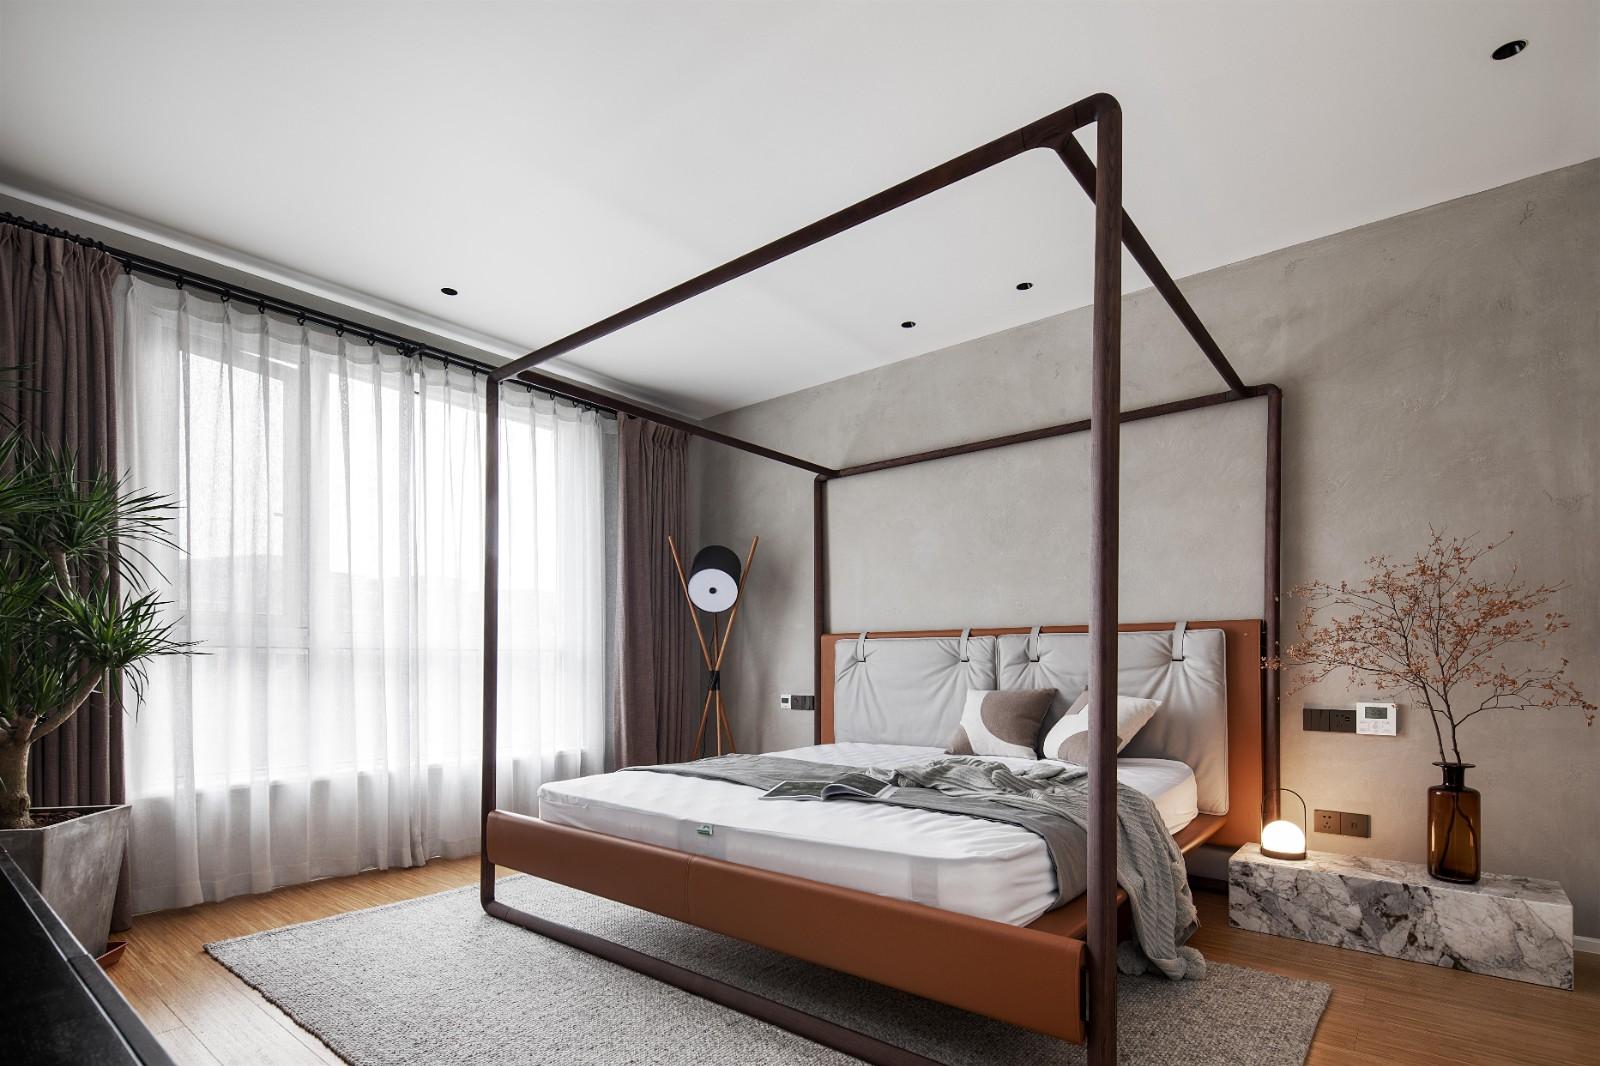 贵阳别墅卧室装修设计,别墅卧室空间装修的合理利用